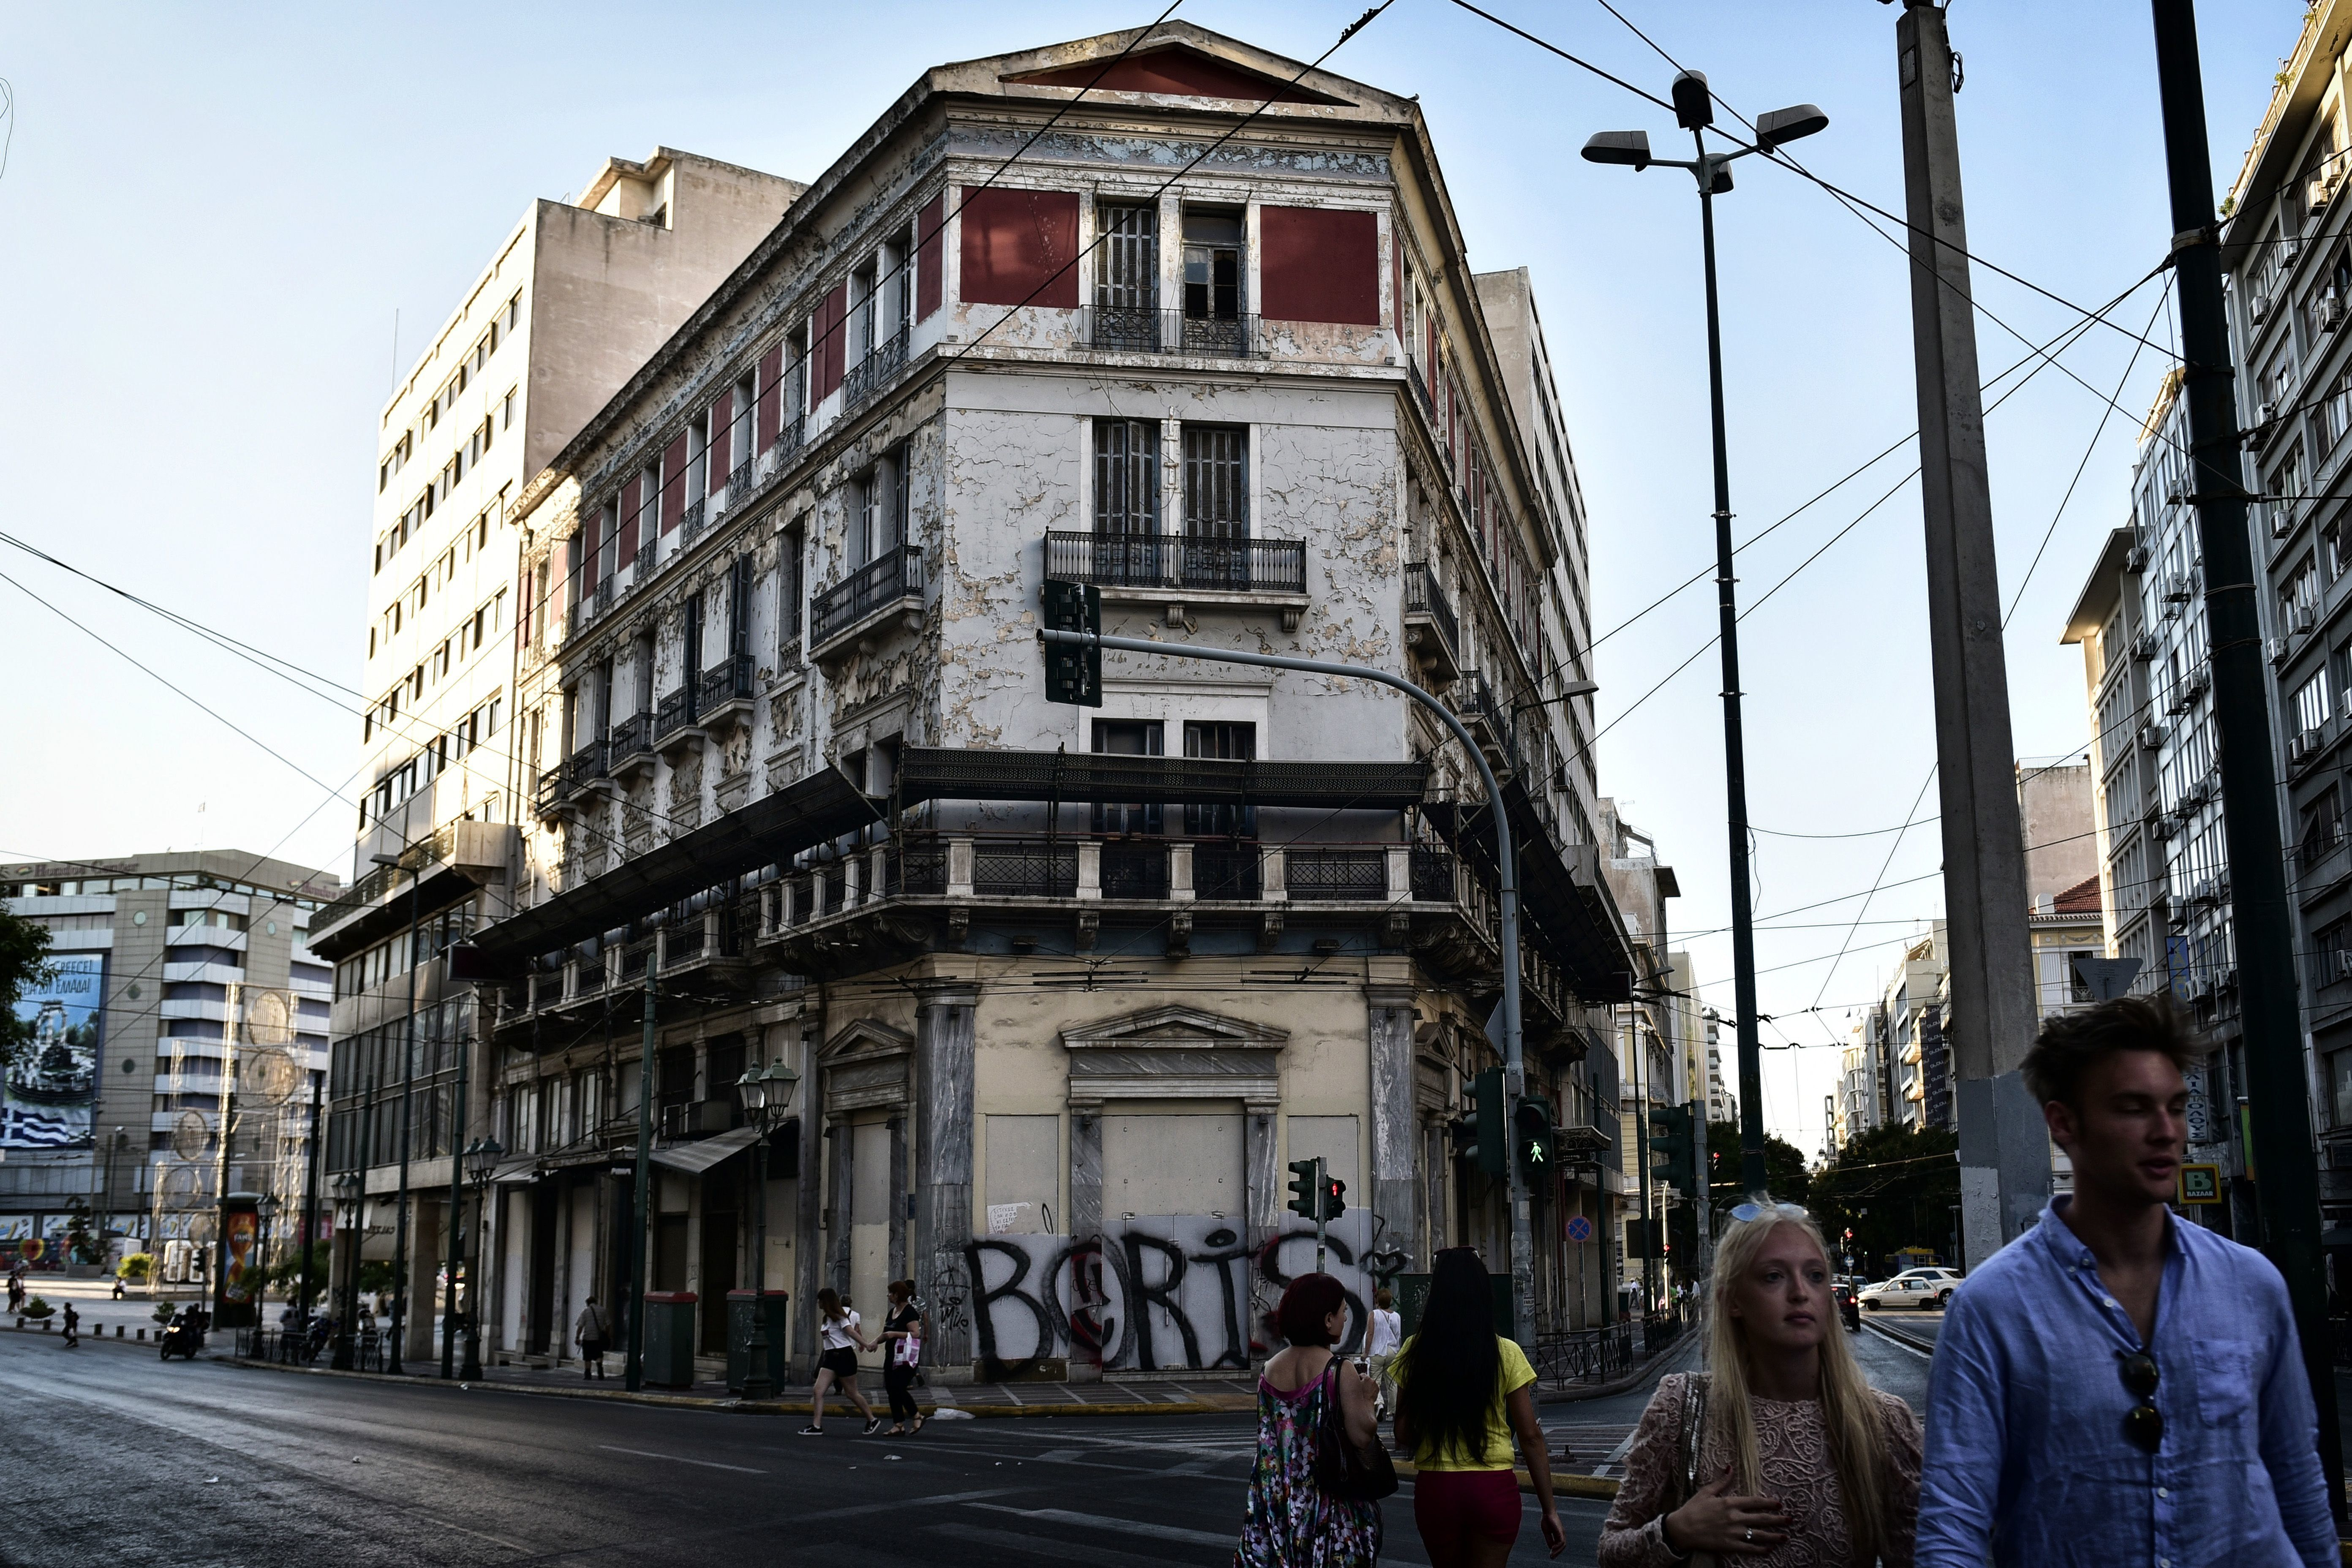 ΠΟΜΙΔΑ για ΕΝΦΙΑ και νέες αντικειμενικές αξίες: Πάλι η Αθήνα και οι μεγάλες πόλεις θα πληρώσουν το